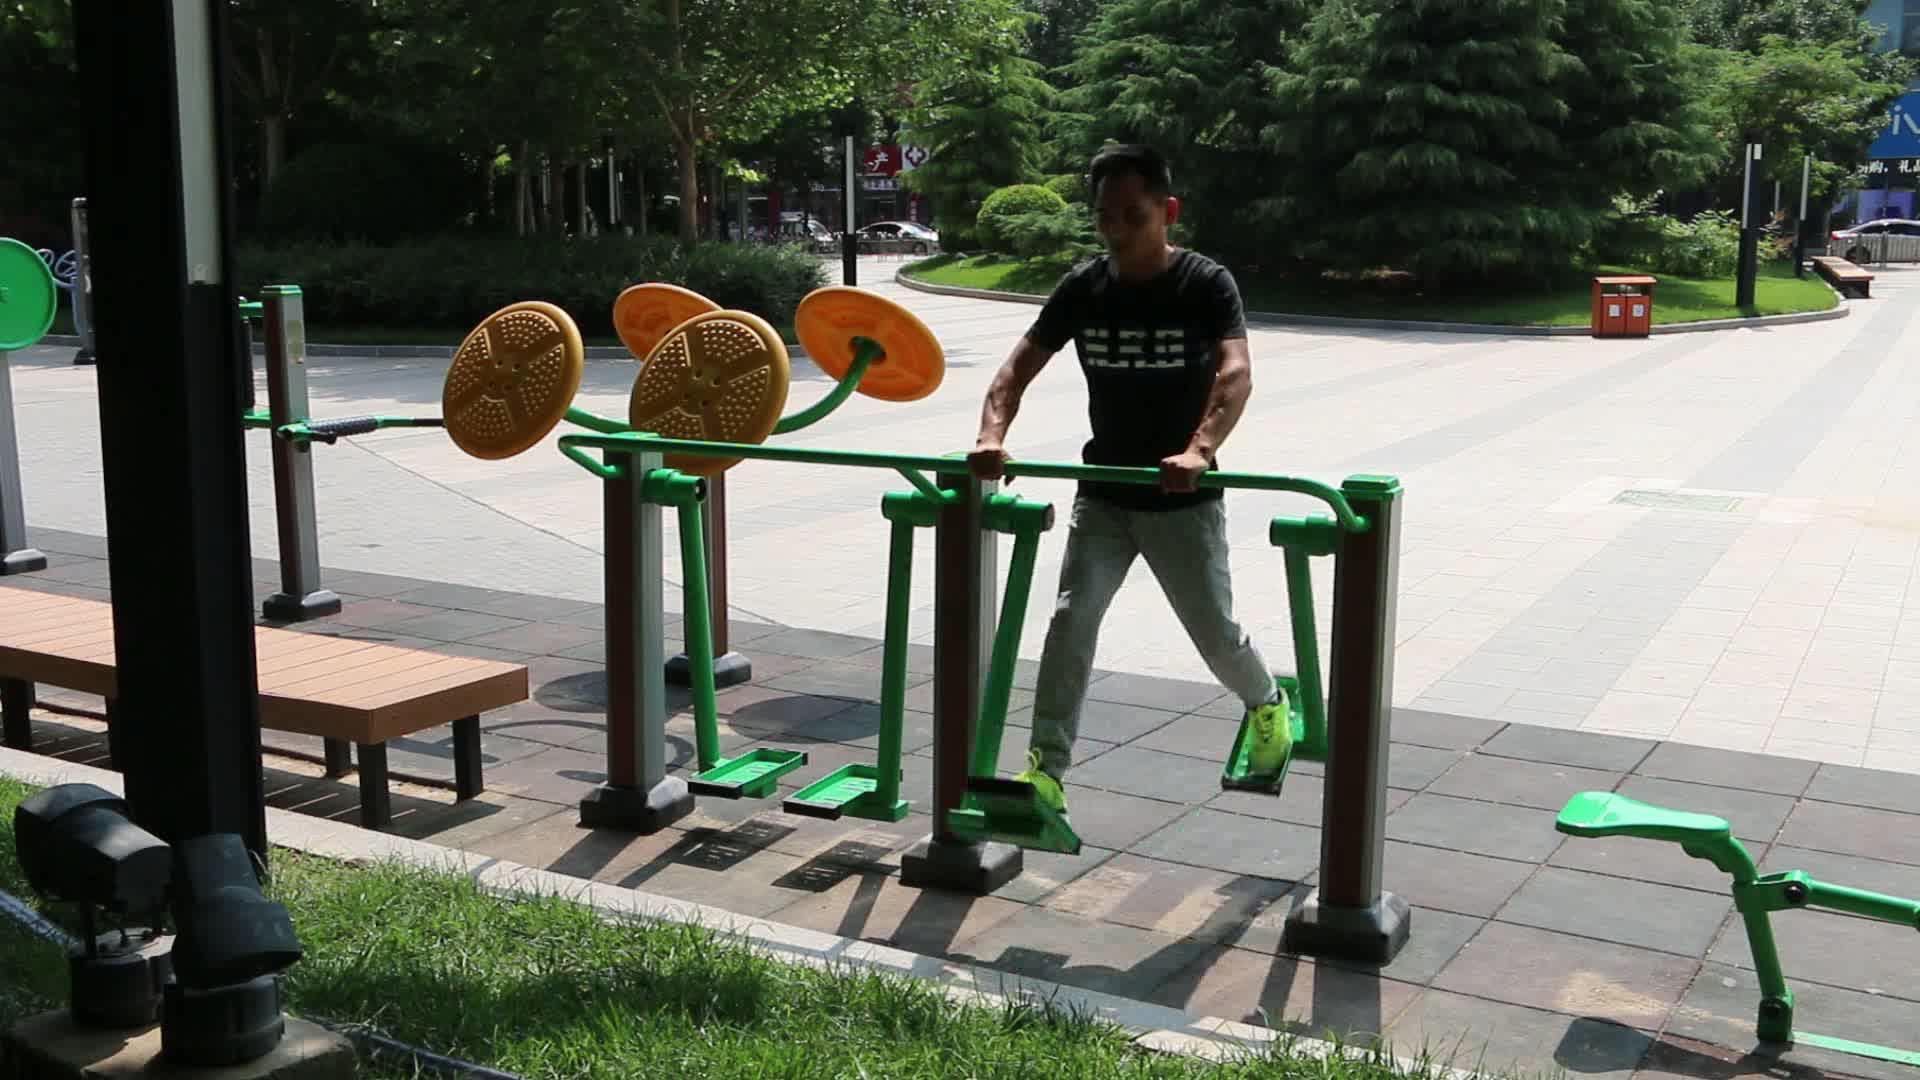 Equipamentos de ginástica Para Idosos Da Comunidade Parque Ao Ar Livre Equipamentos de Fitness Equipamentos de Ginástica Ao Ar Livre Exercício Caminhante Ar Máquina